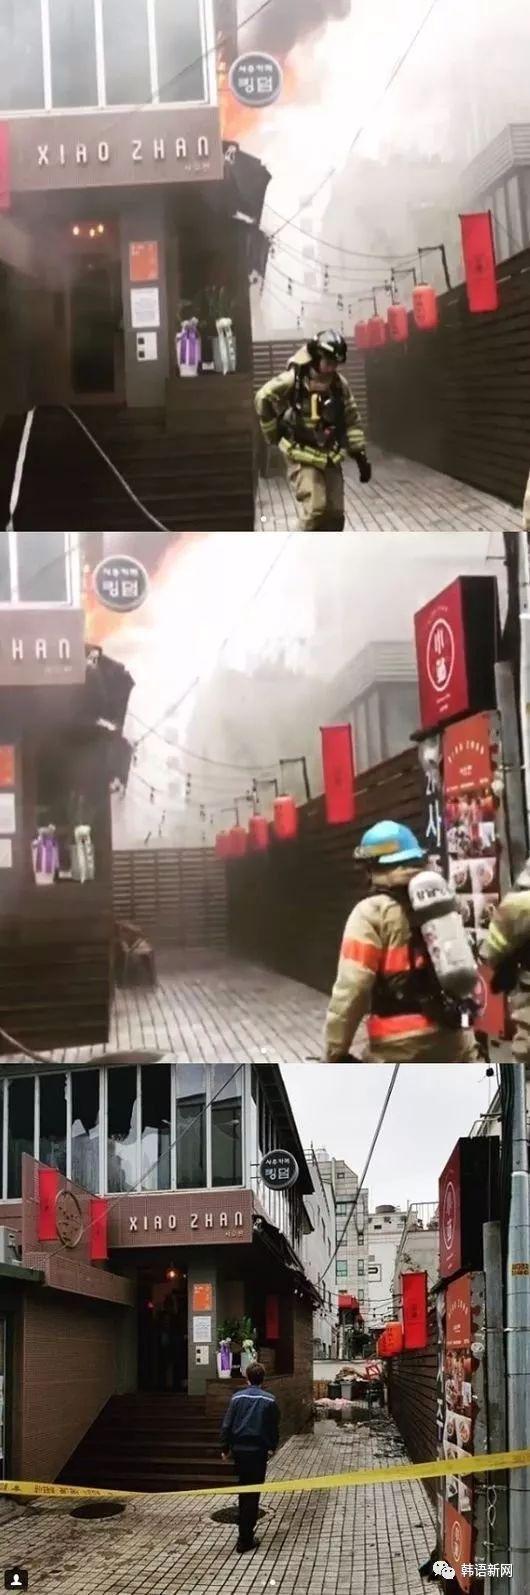 受火灾影响 Henry在韩经营餐厅暂停营业